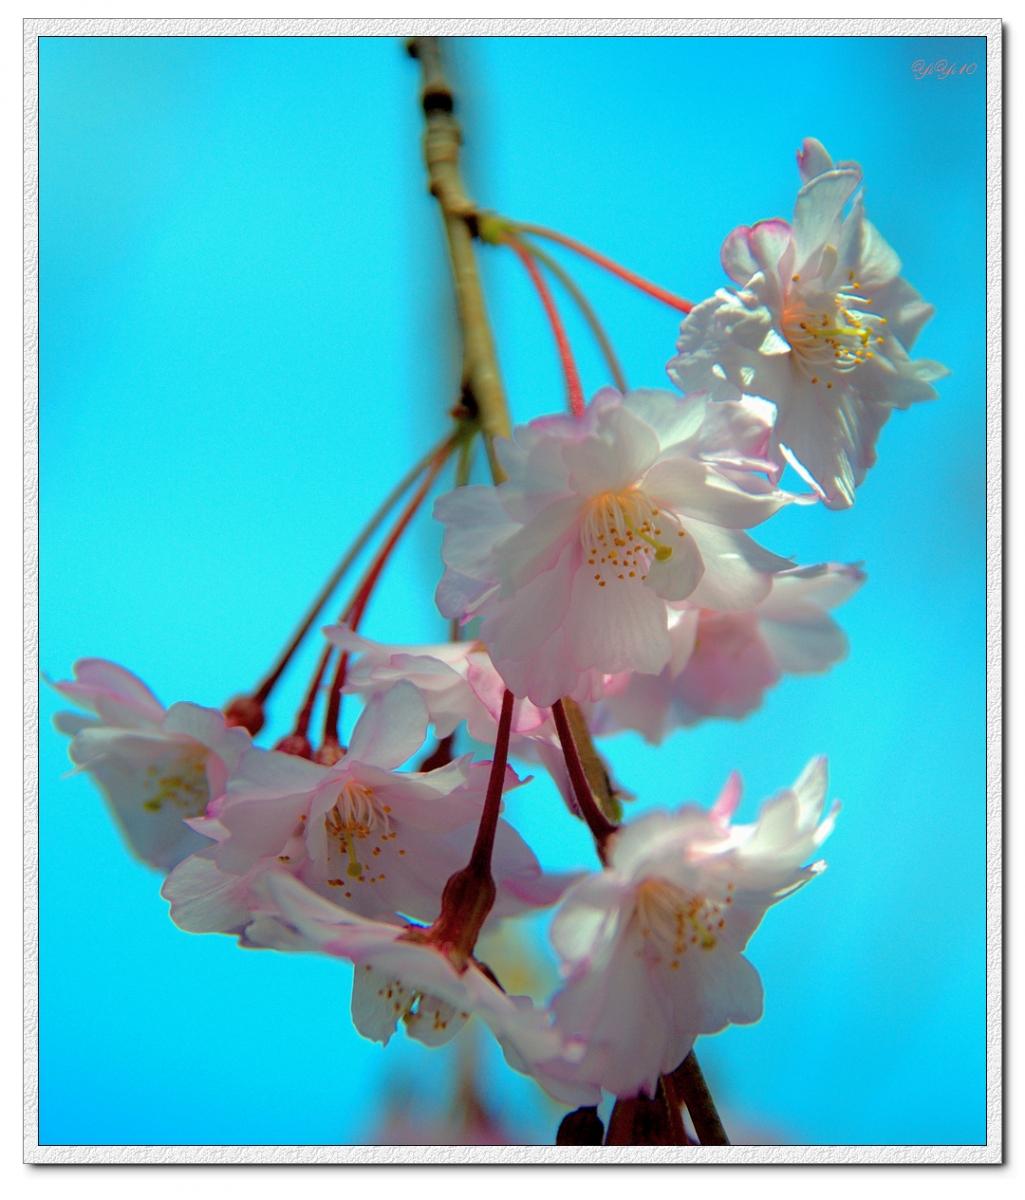 【原創】我家門口的玉蘭與櫻花(攝影)_图1-9